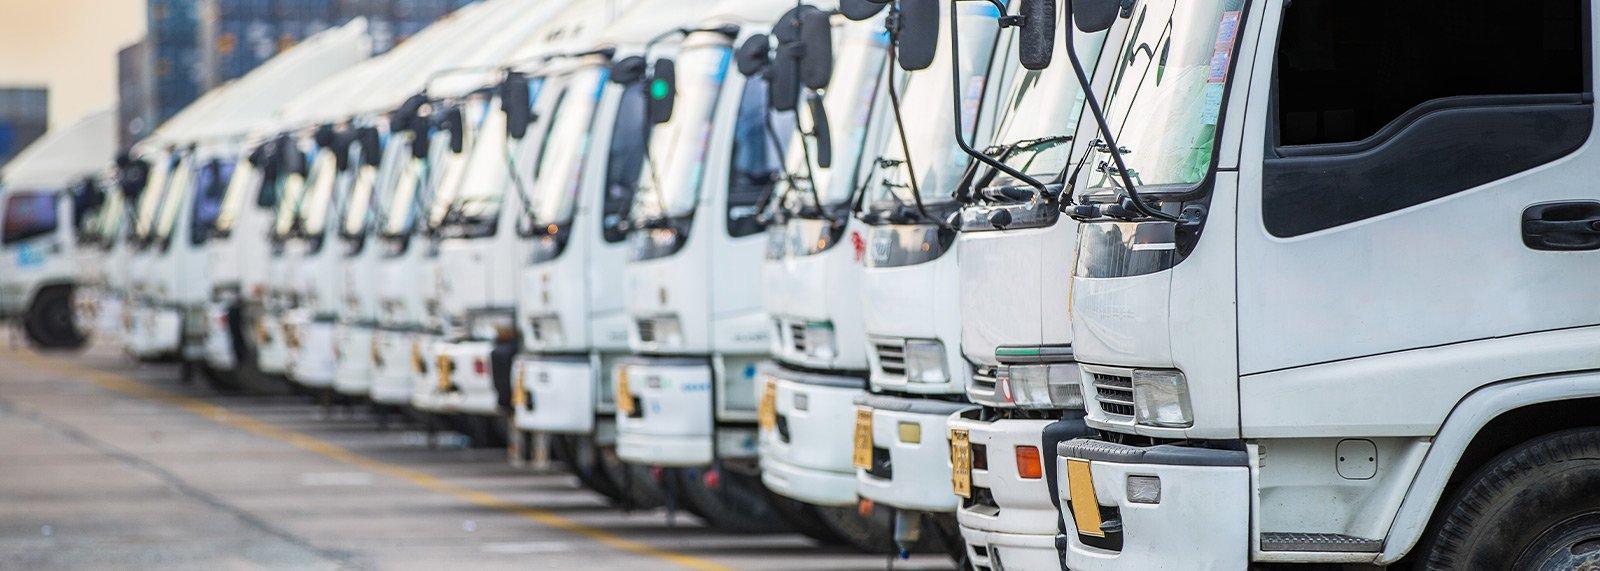 Autoteam offre assistenza specifica per chi opera nel settore dell'autotrasporto